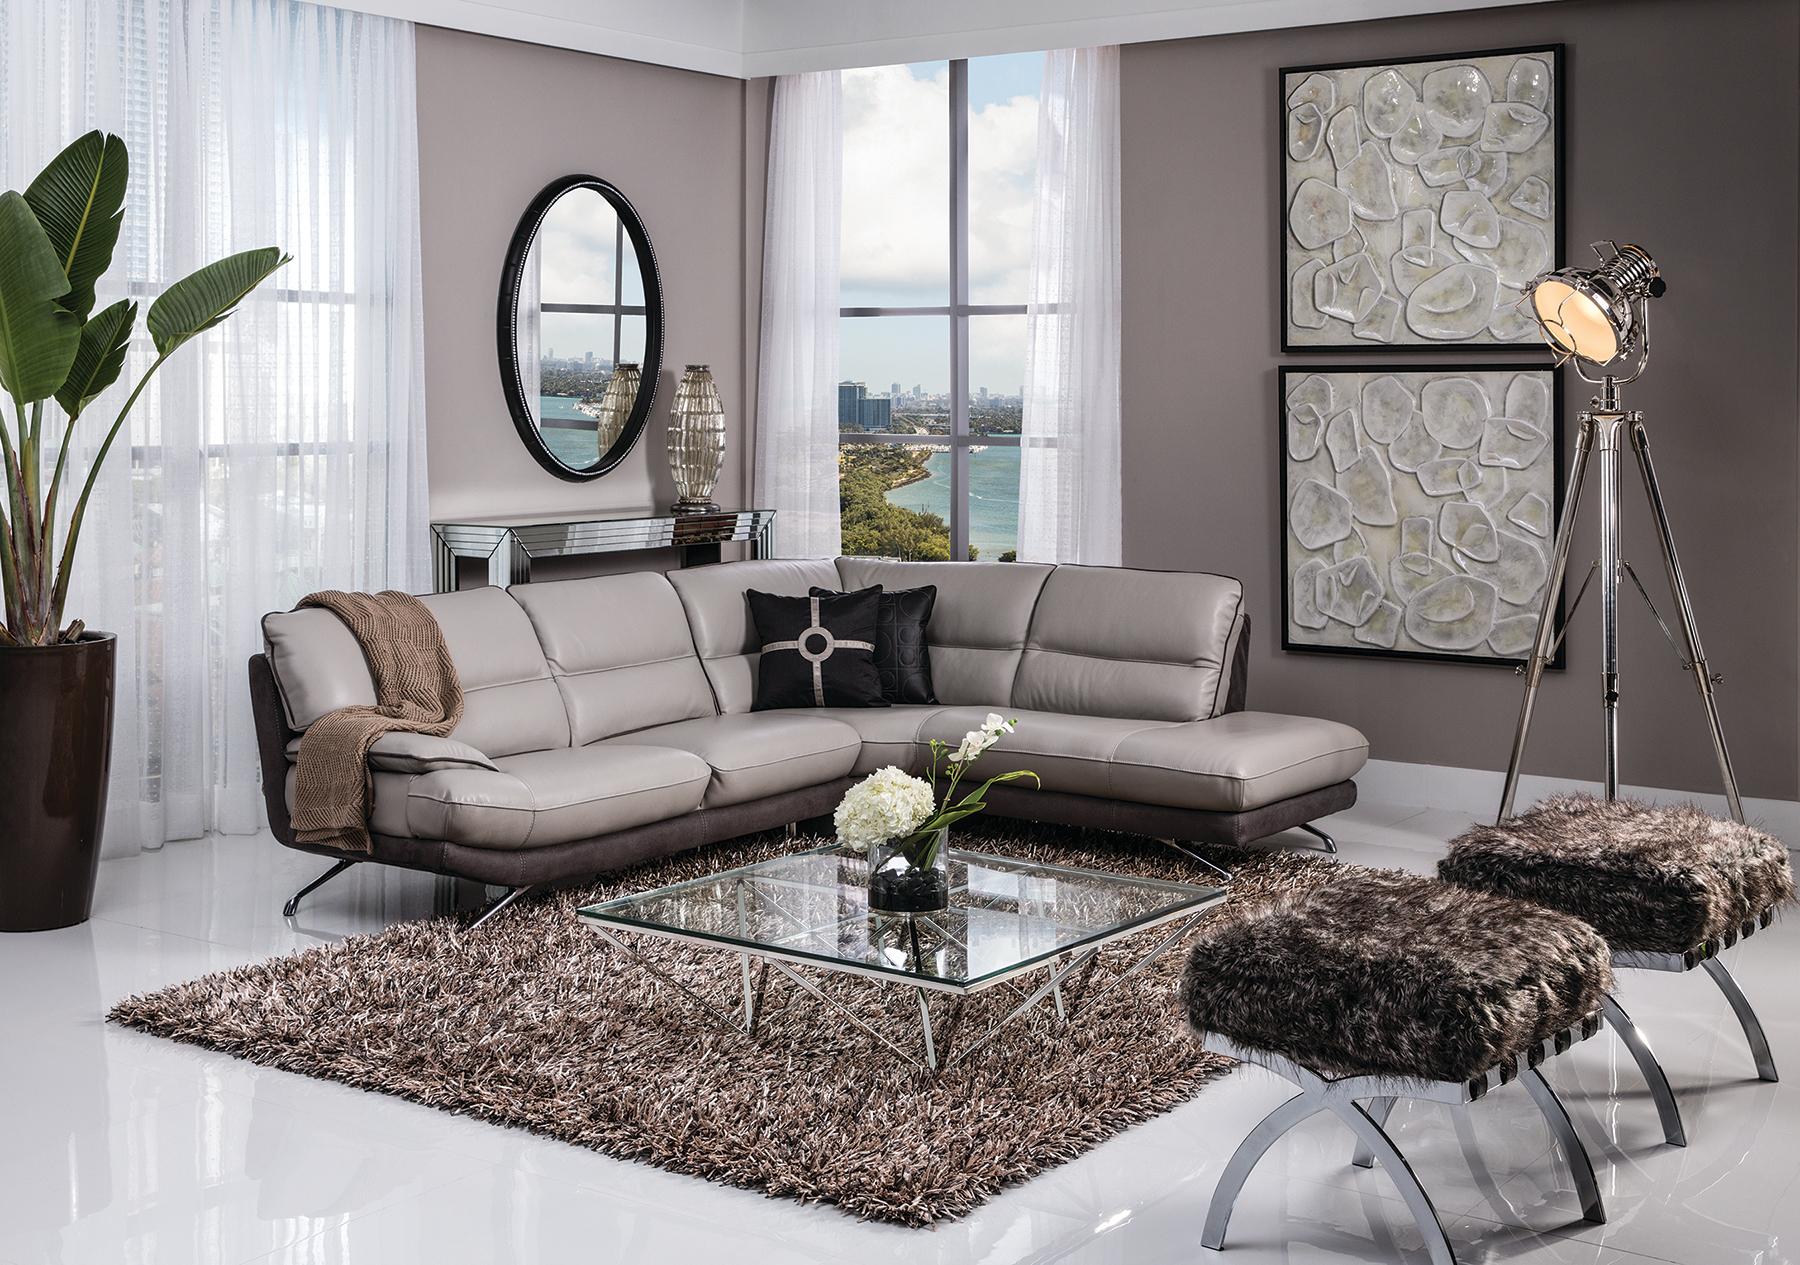 El dorado furniture palmetto boulevard 4200 n w 167th street